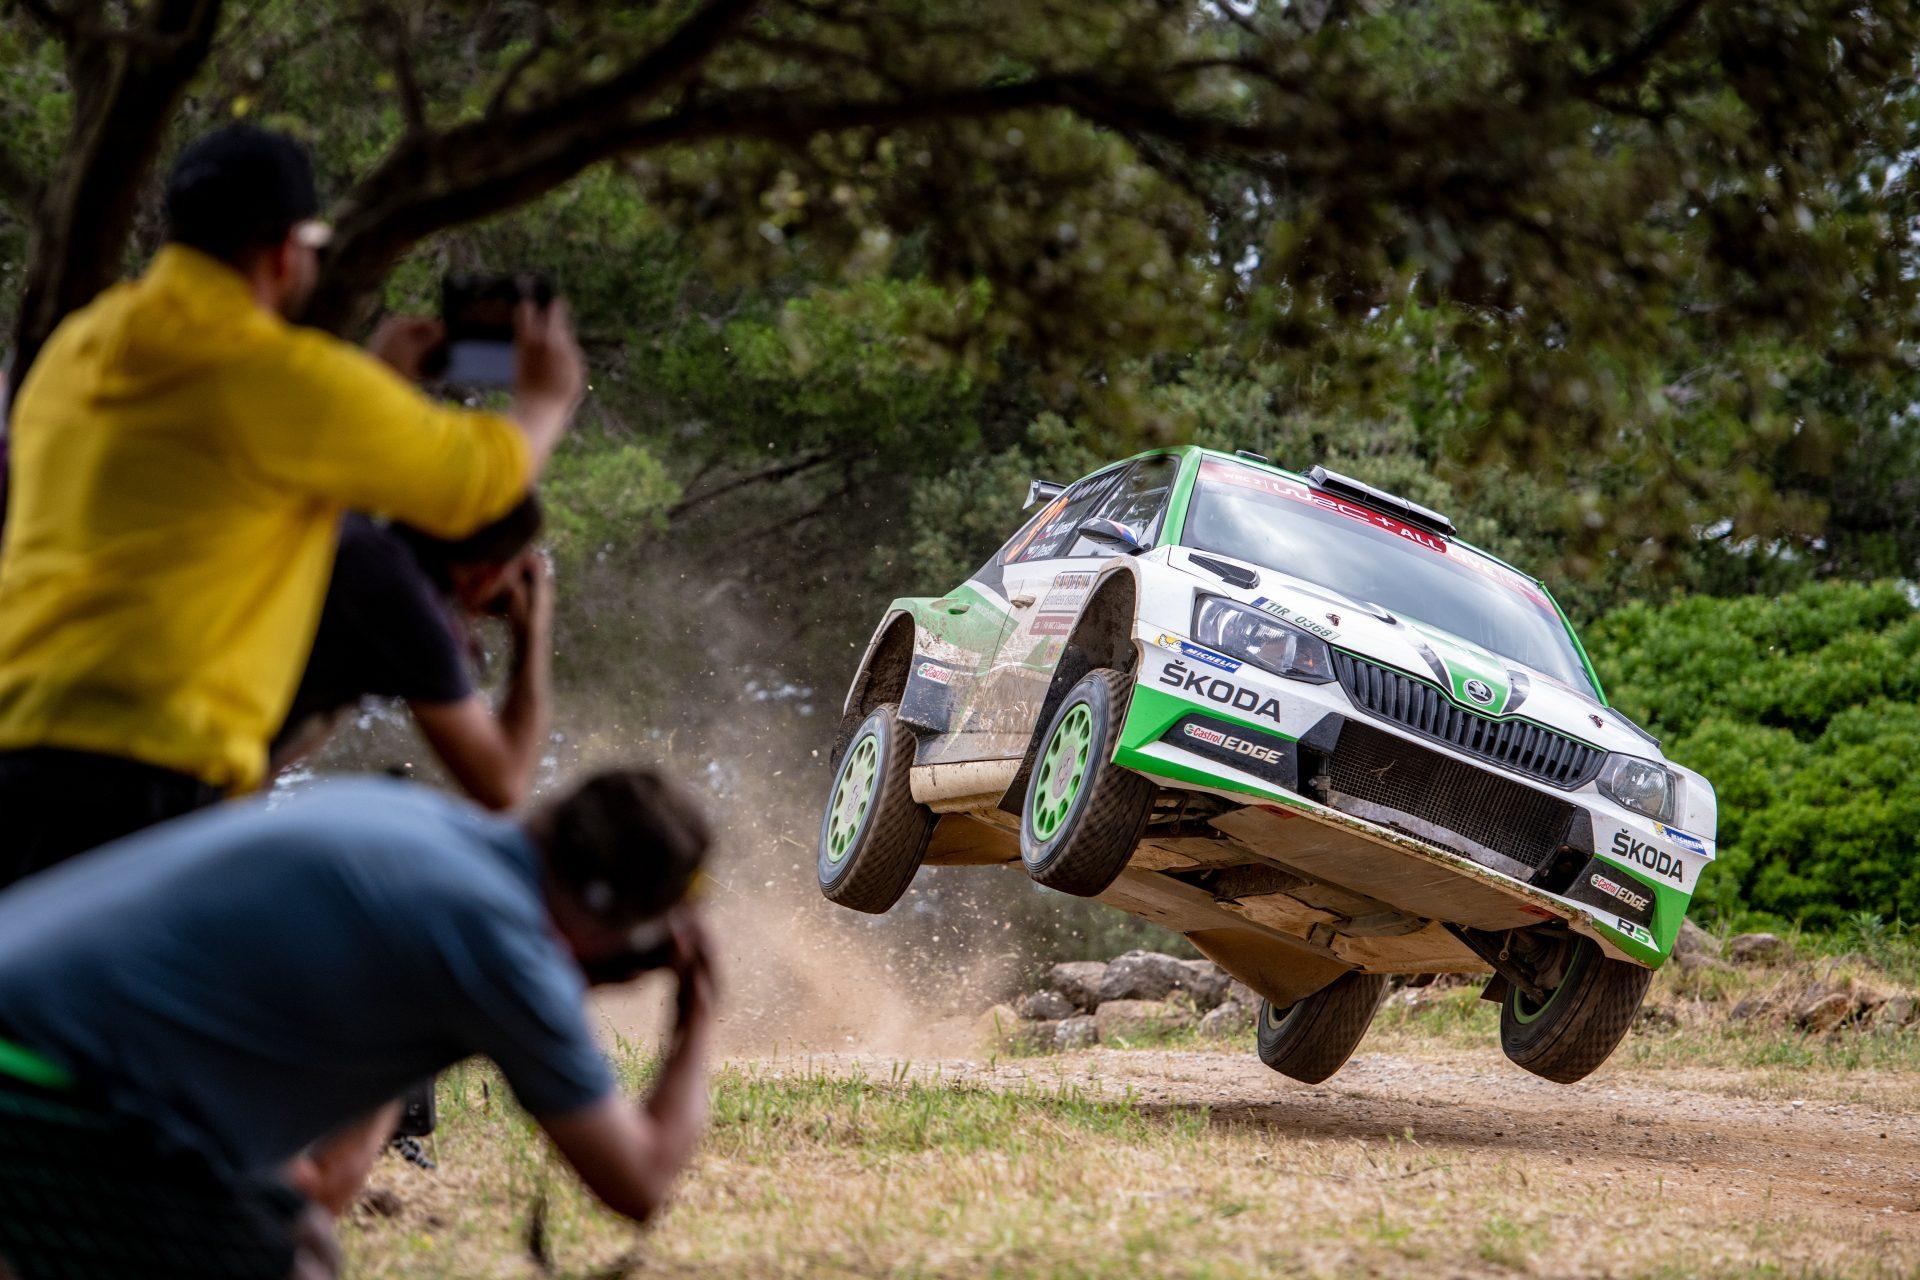 Jak vypadá týden na automobilové soutěži? | Začátečníkův průvodce rallye